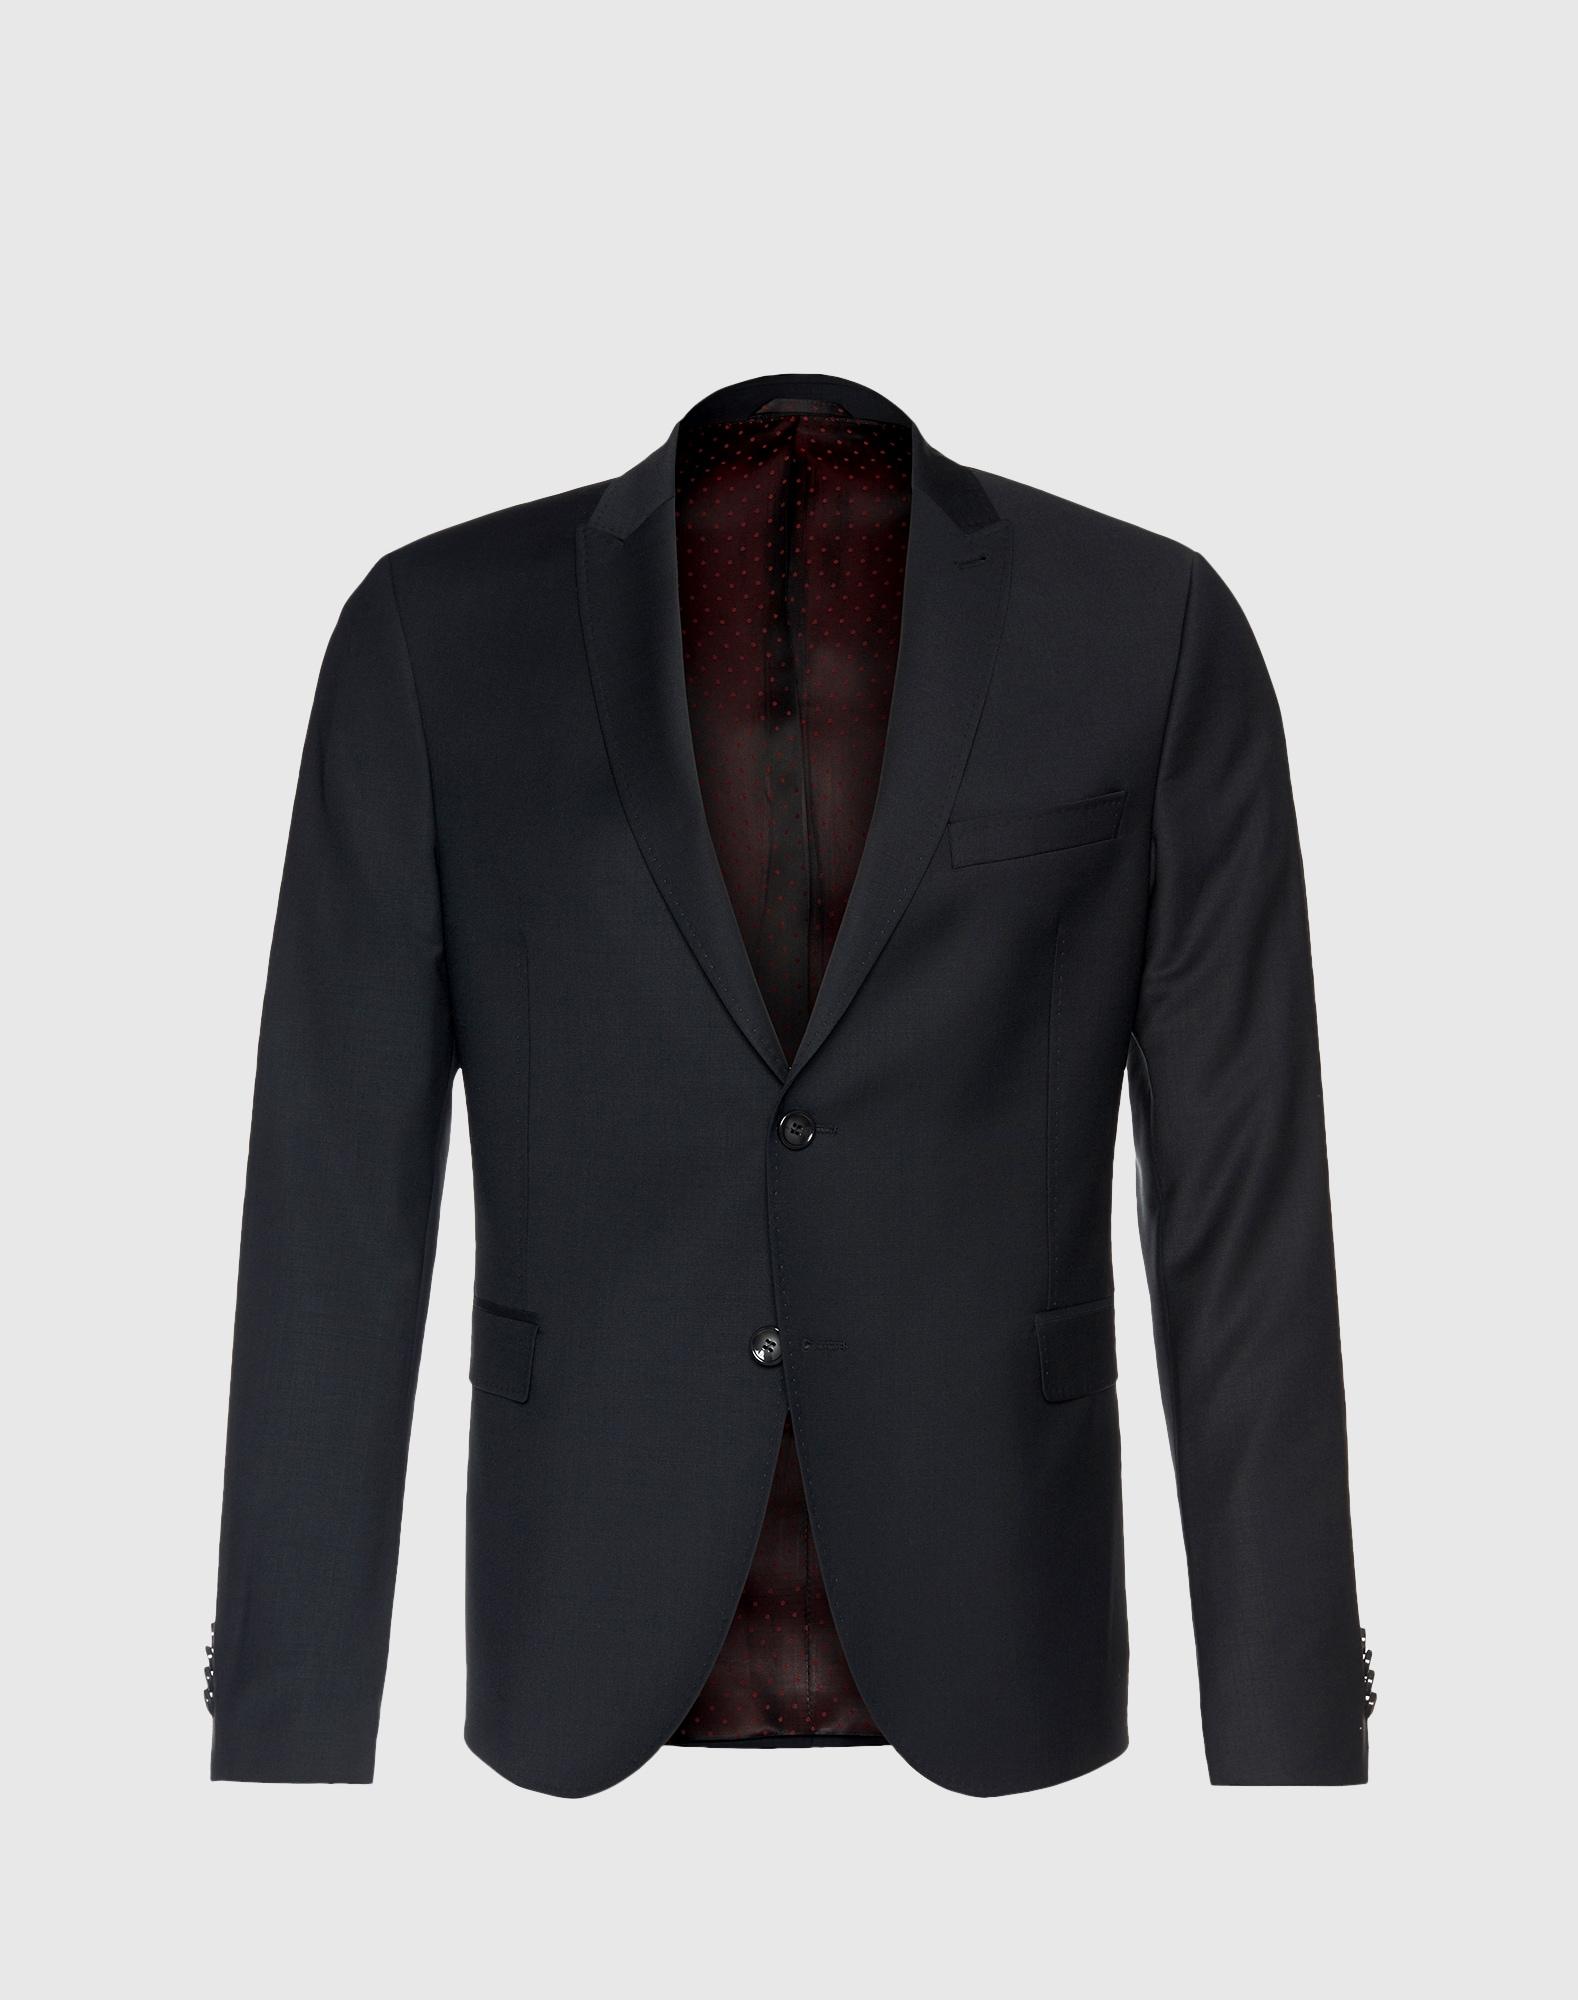 CINQUE, Heren Business-colbert 'Cipanetti', zwart